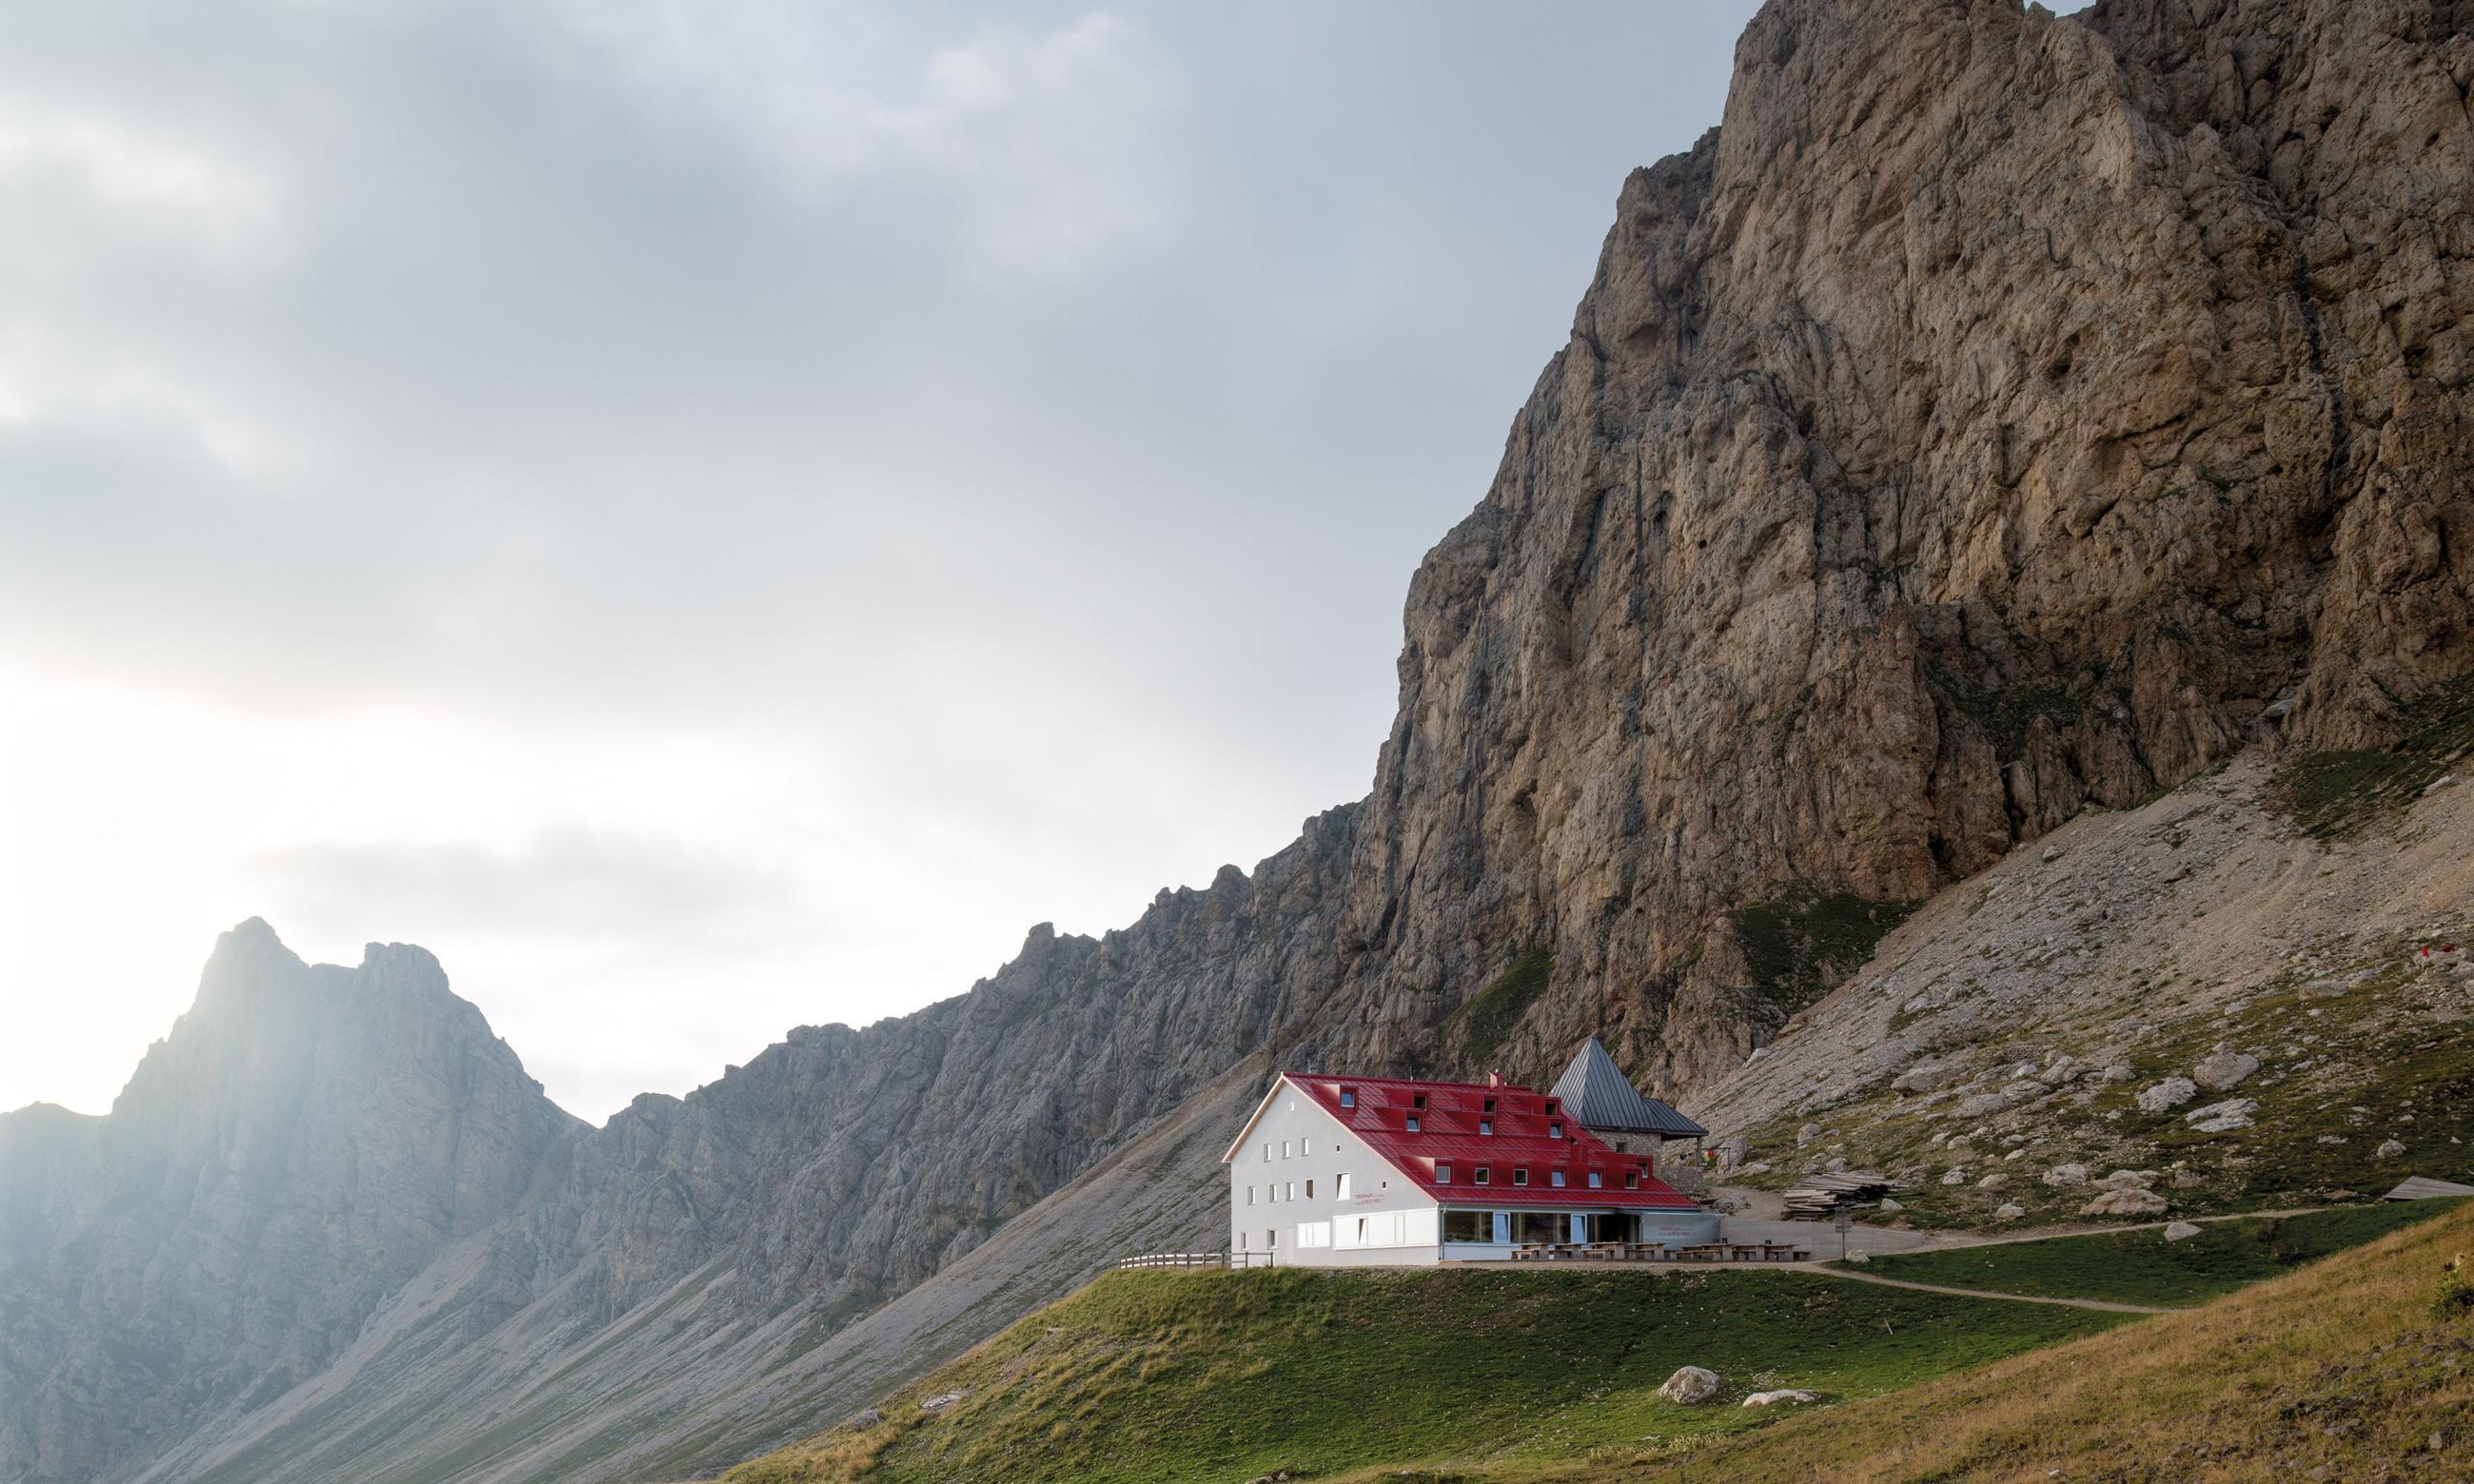 Ristrutturazione e ampliamento rifugio Alpe di Tires